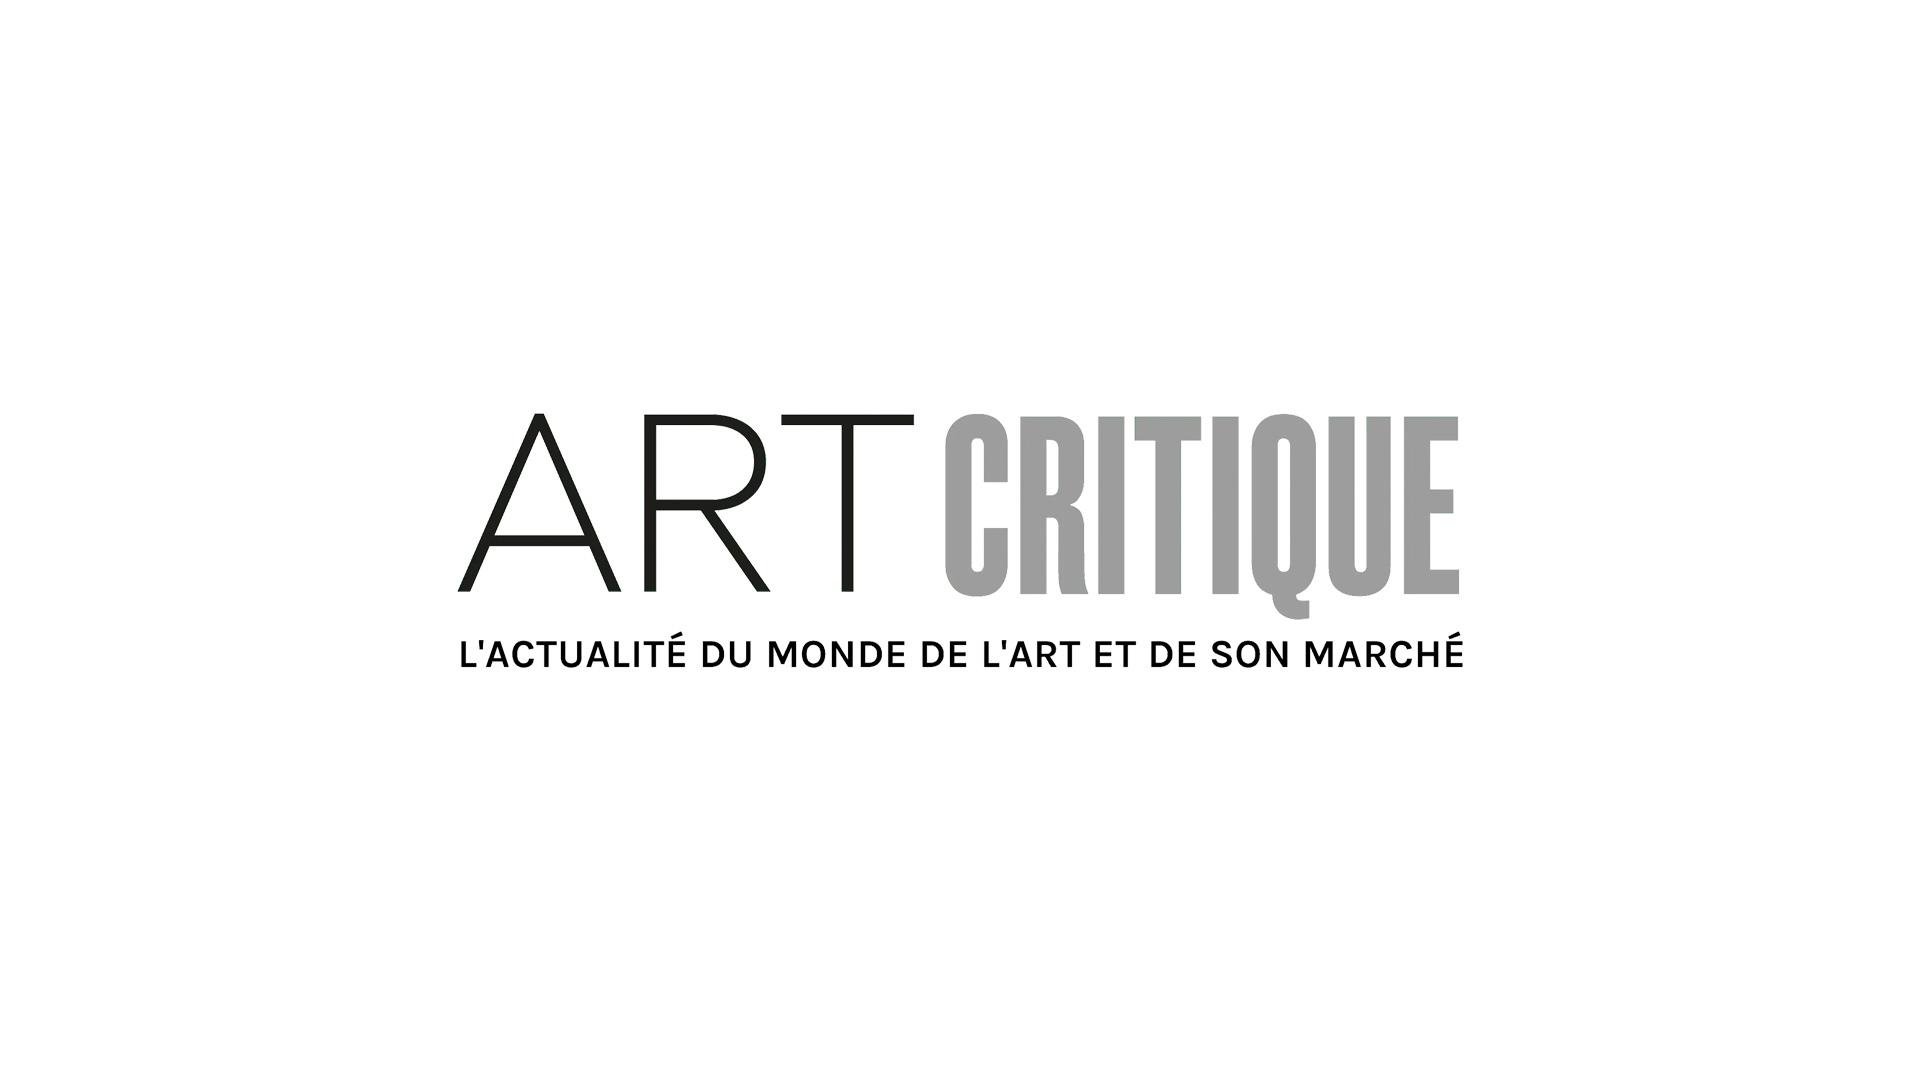 La 15e édition des Journées Européennes des Métiers d'Art